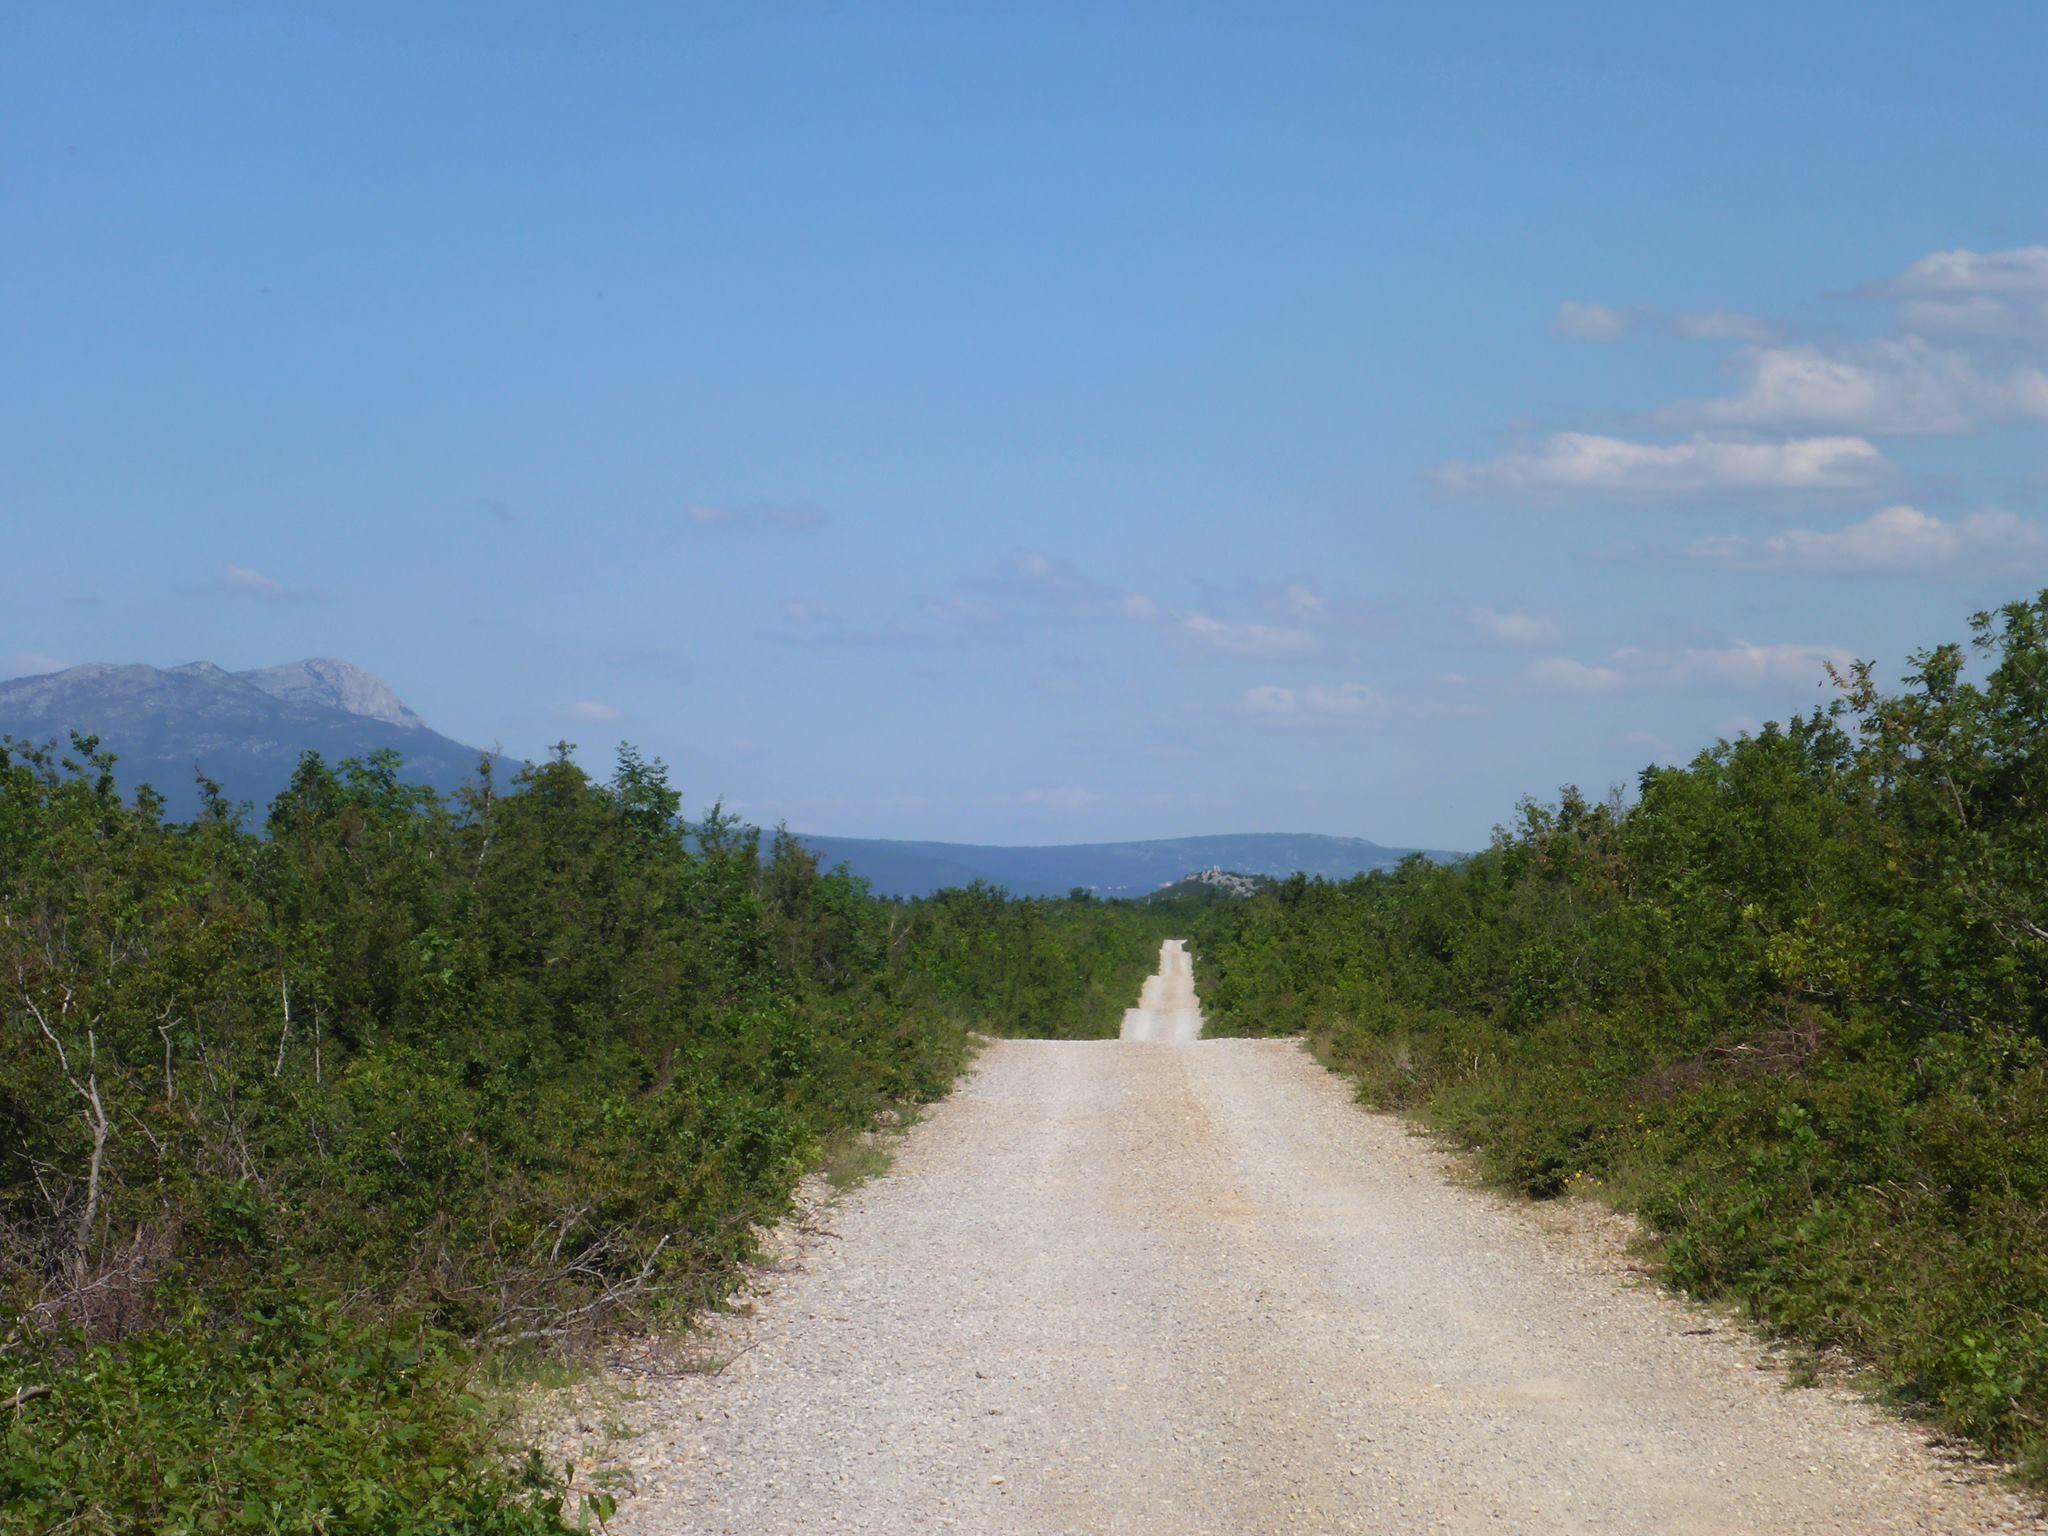 Le premier jour en Croatie se passe dans ce genre d'immenses plaines faites de piste de sable et d'arbustes secs